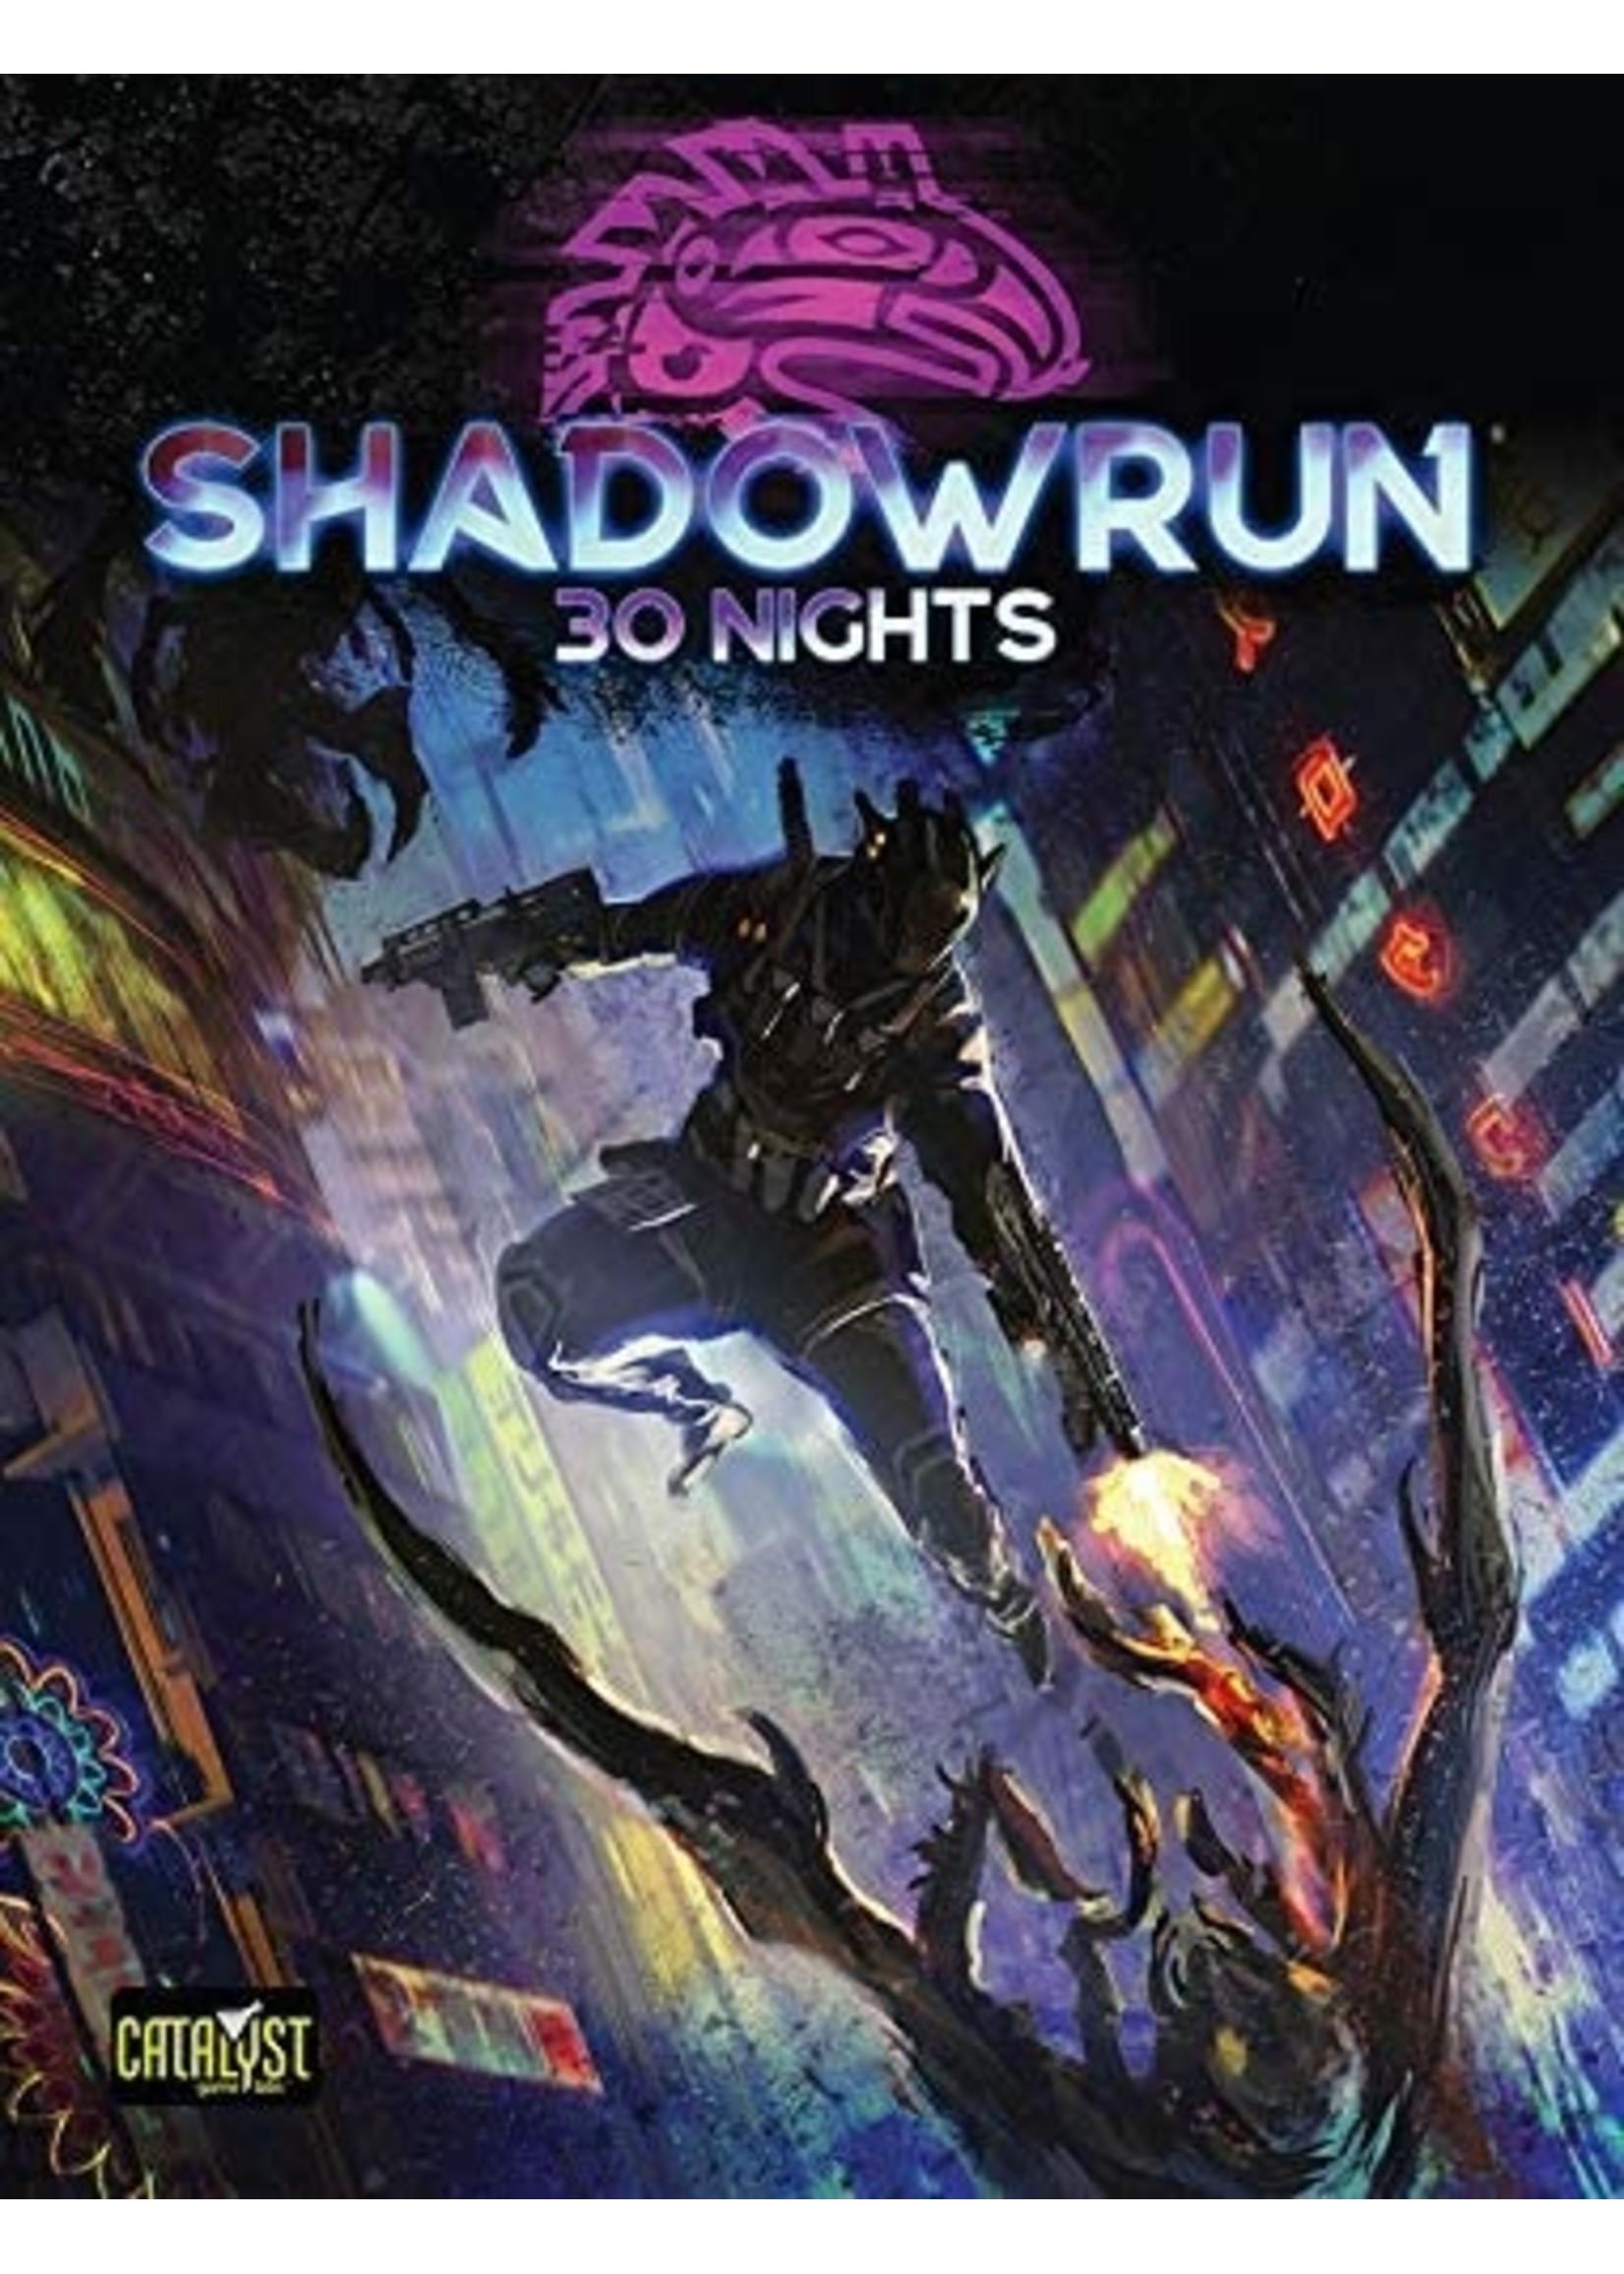 Shadowrun RPG: 6th Edition 30 Nights